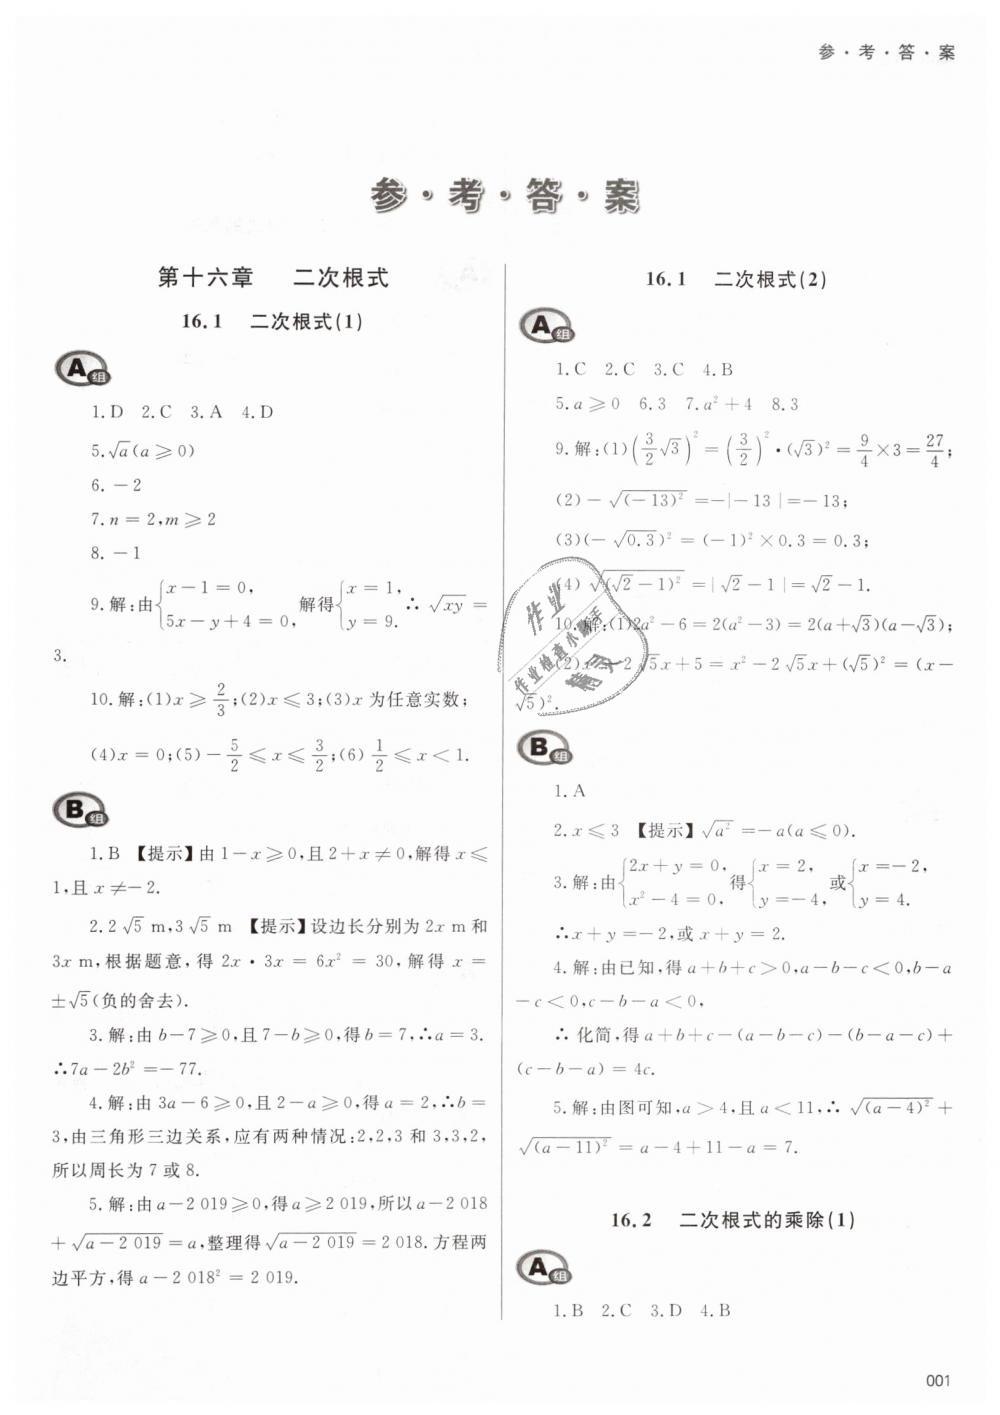 2019年学习质量监测八年级数学下册人教版第1页